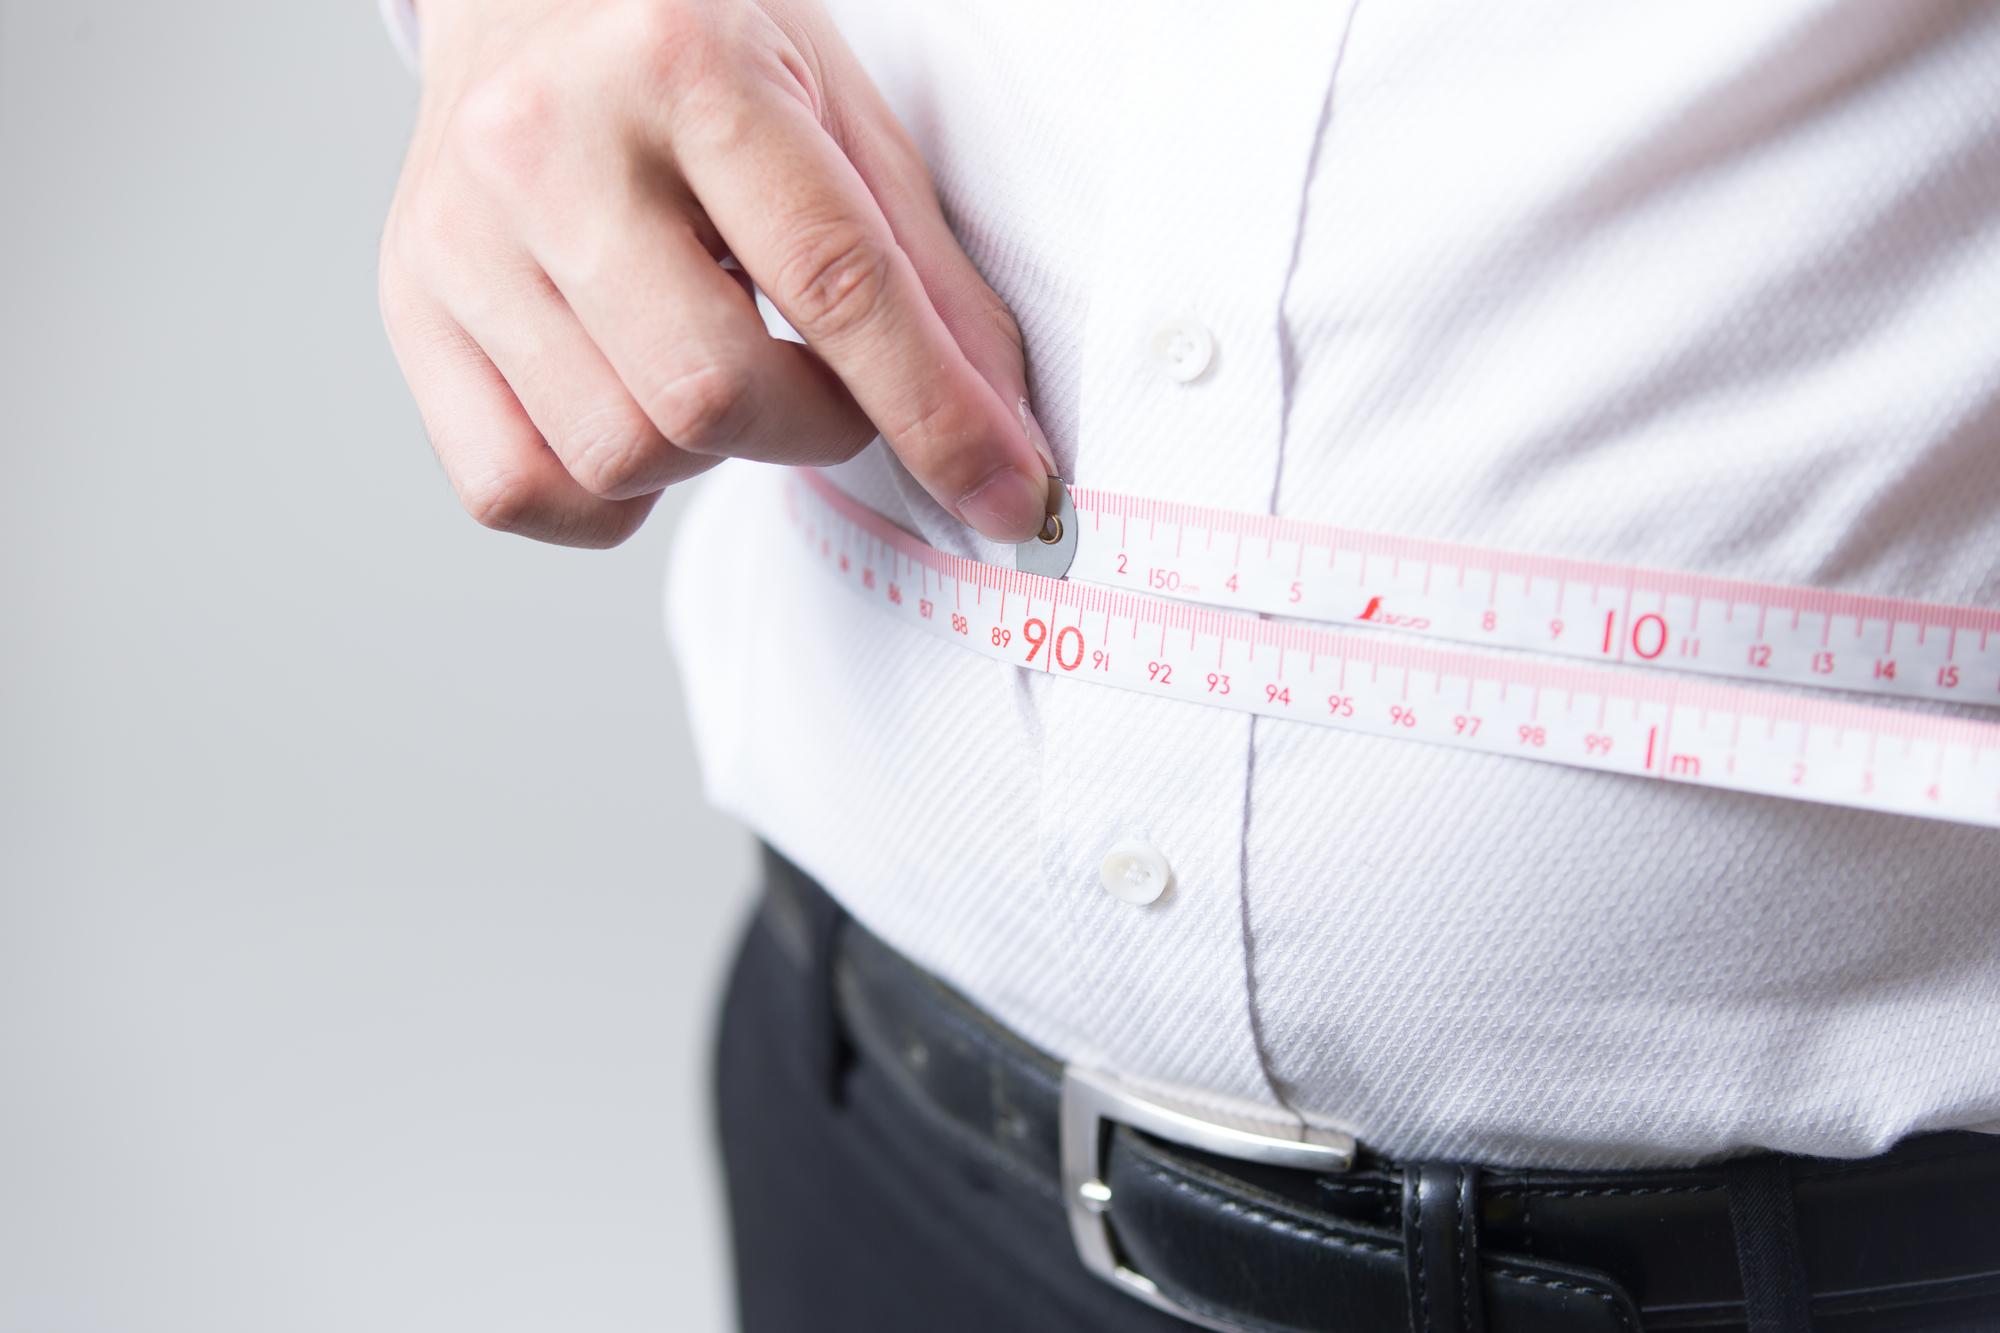 太っている男性